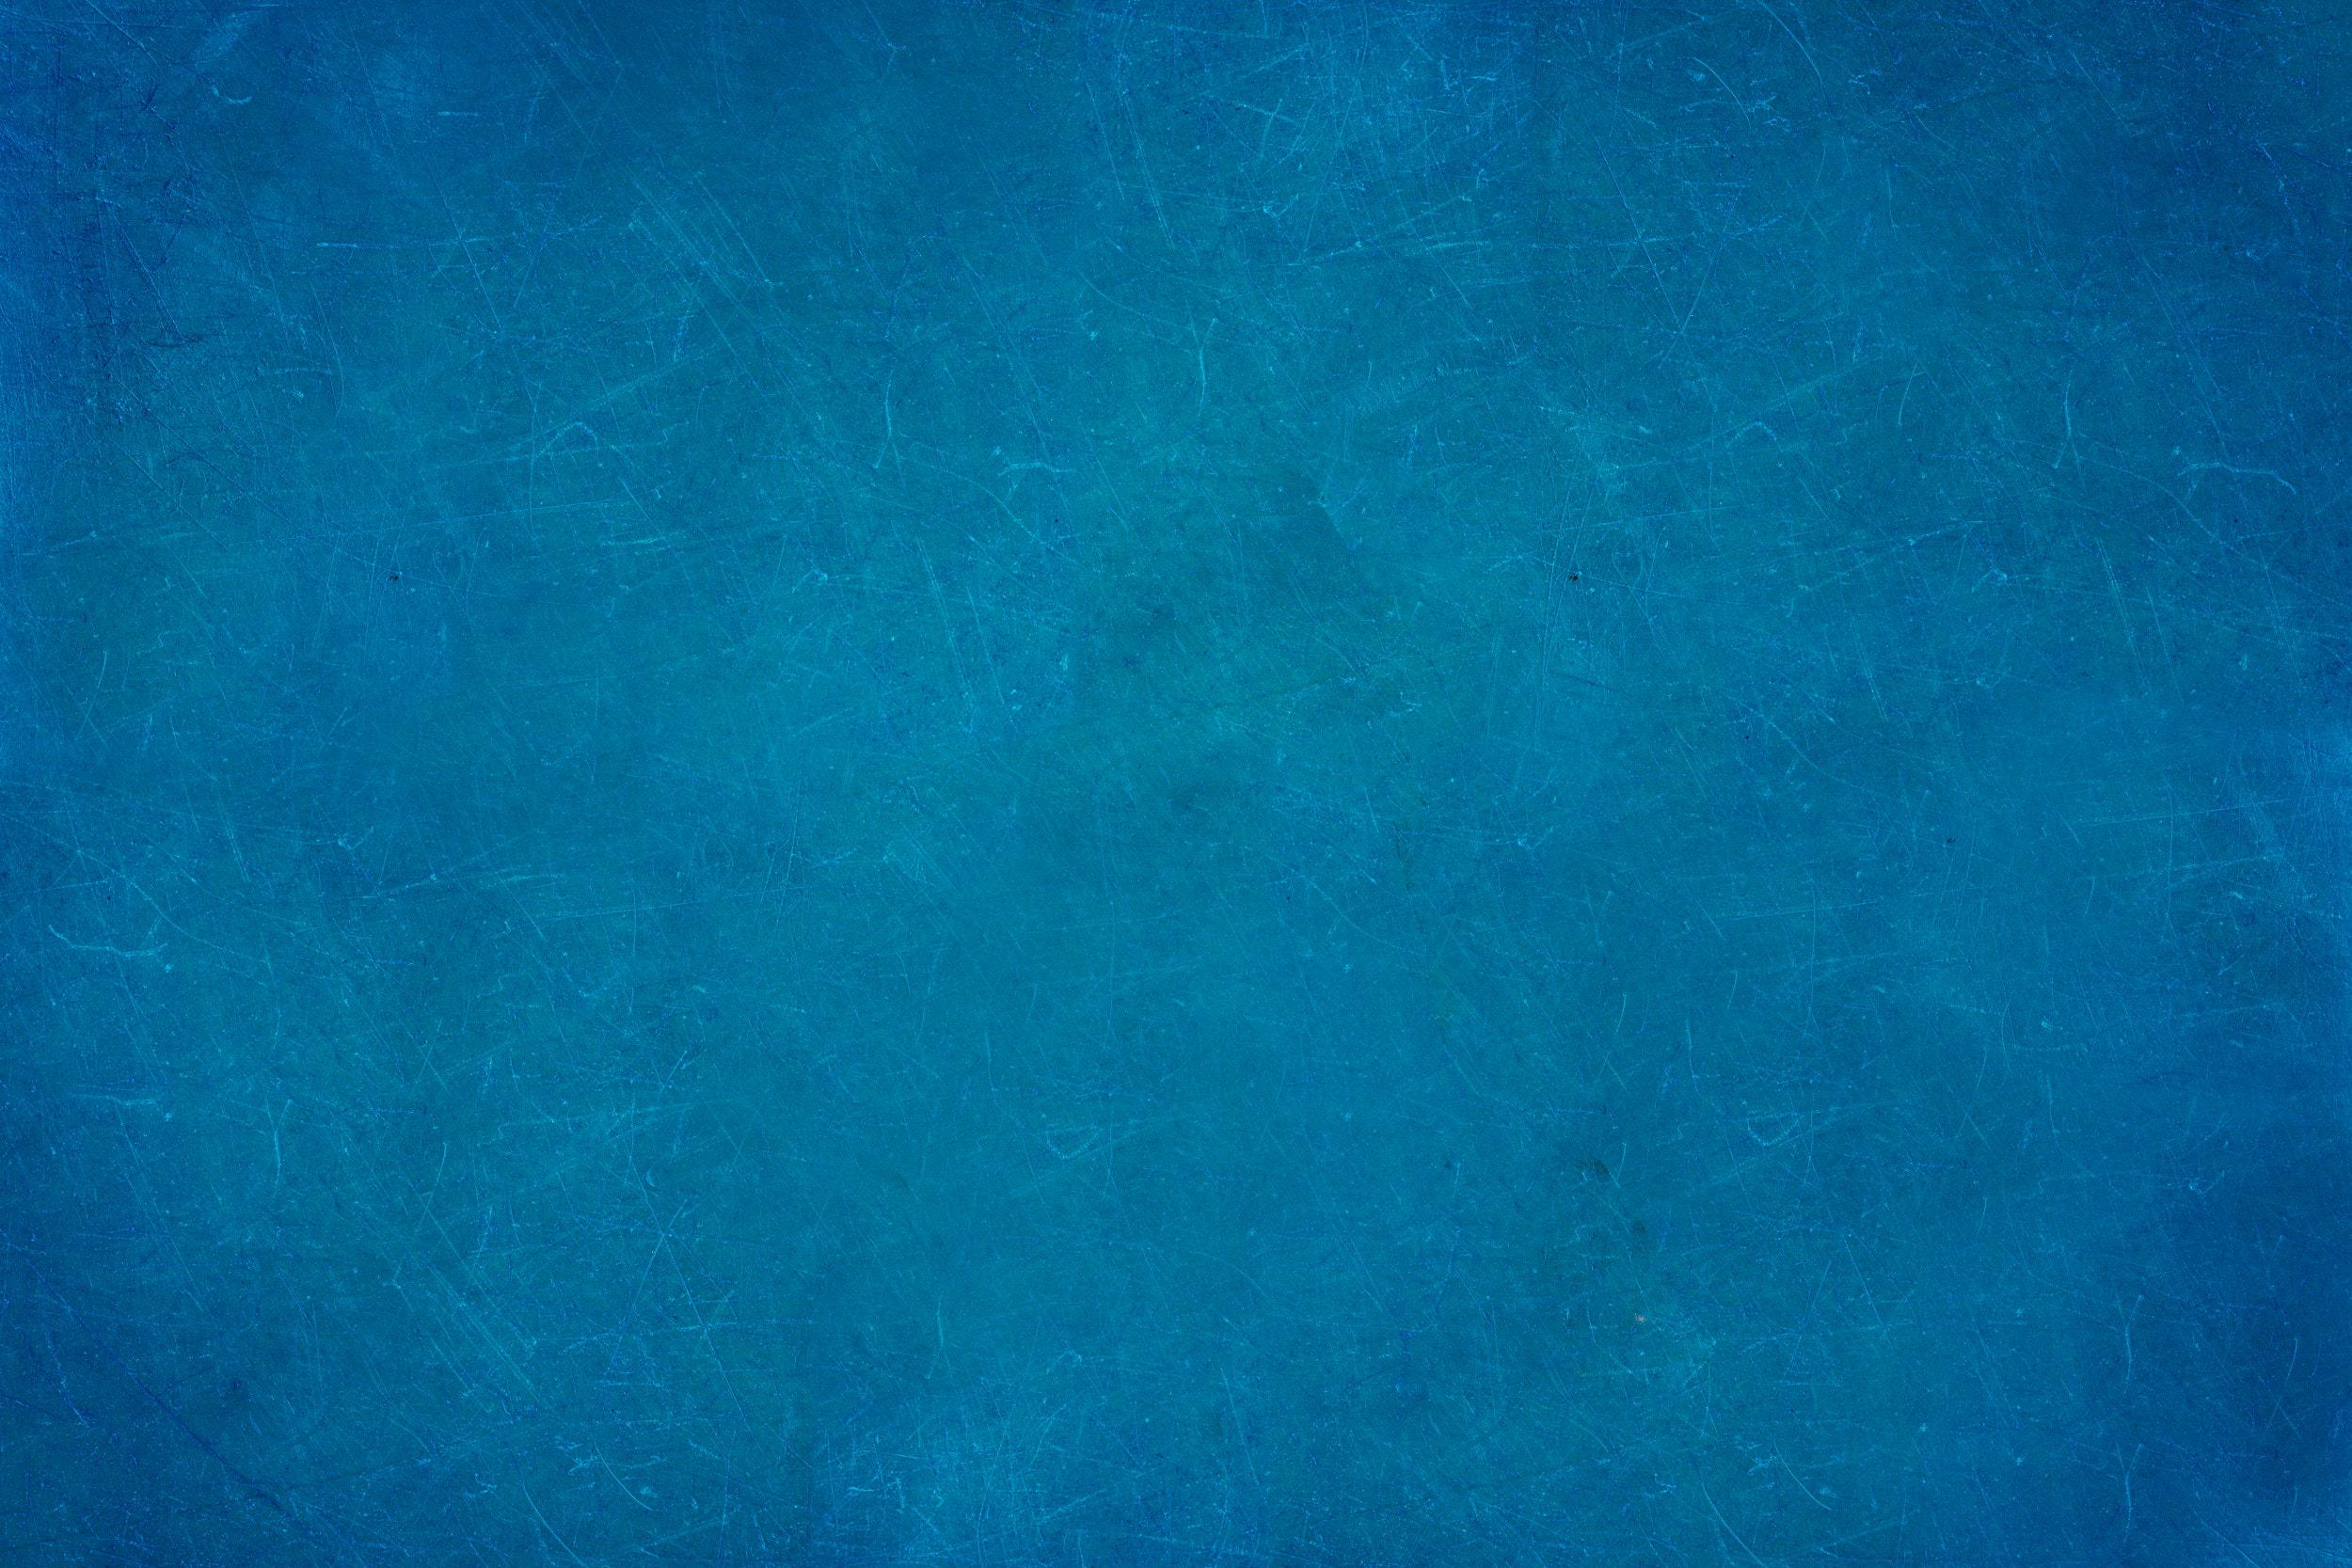 Background màu xanh trơn